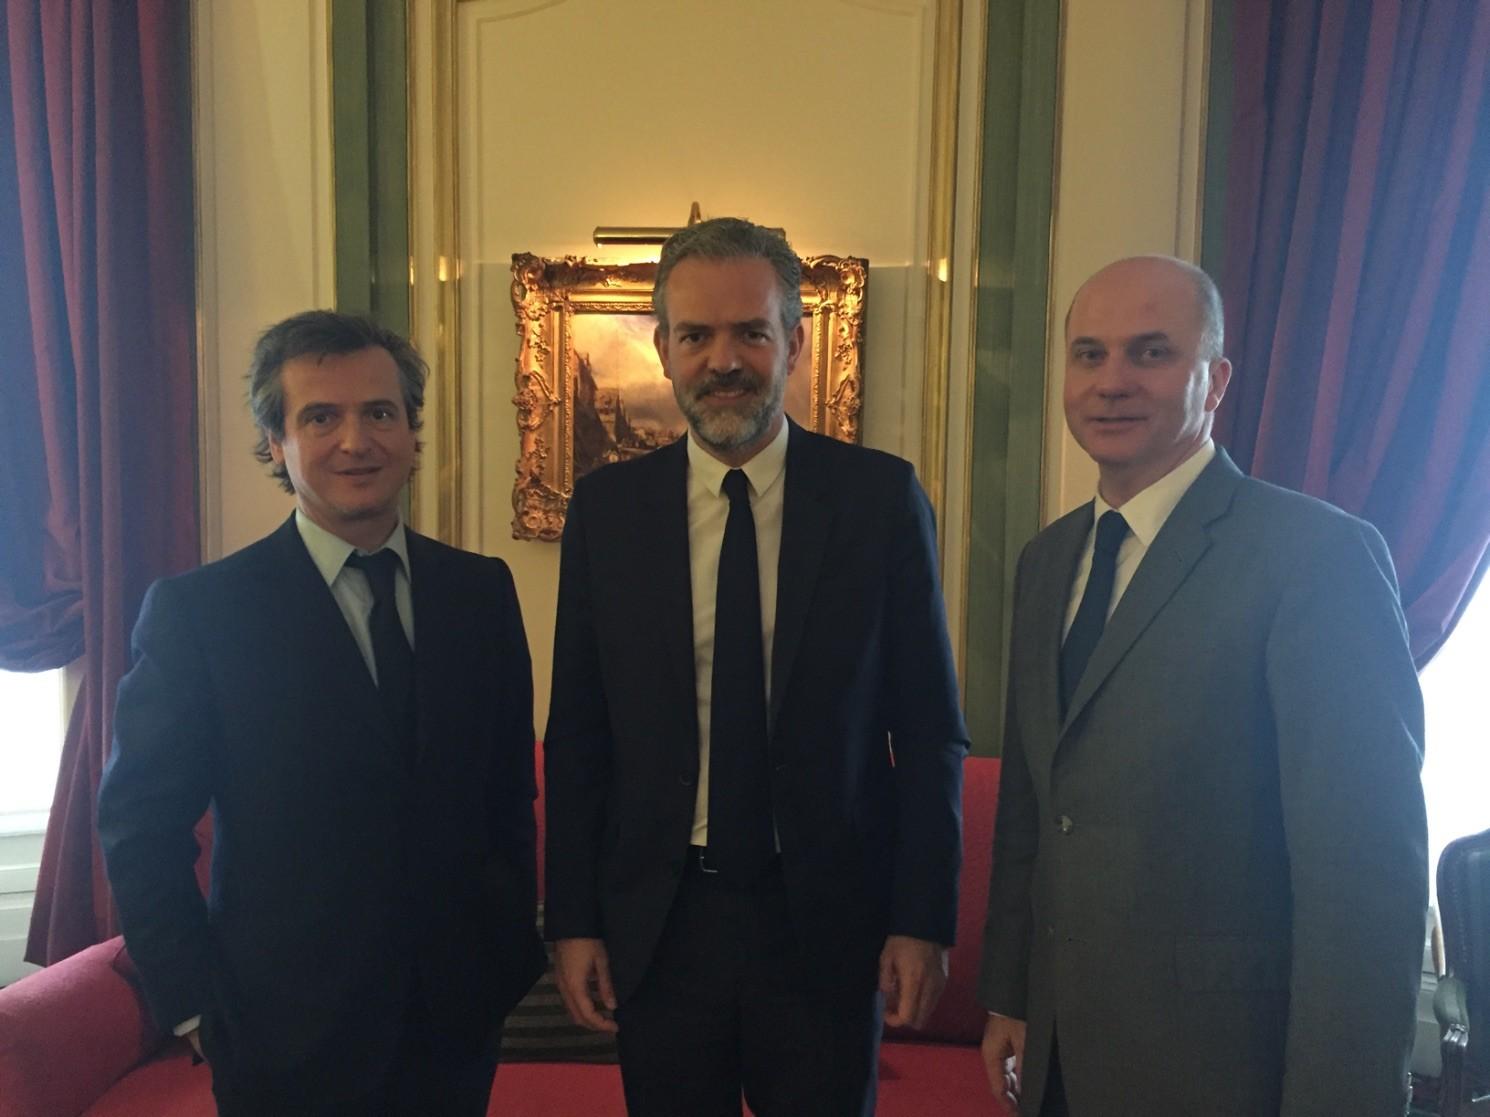 Le SPEJP a reçu Sébastien Missoffe, Directeur général de Google France lors de son Assemblée Générale